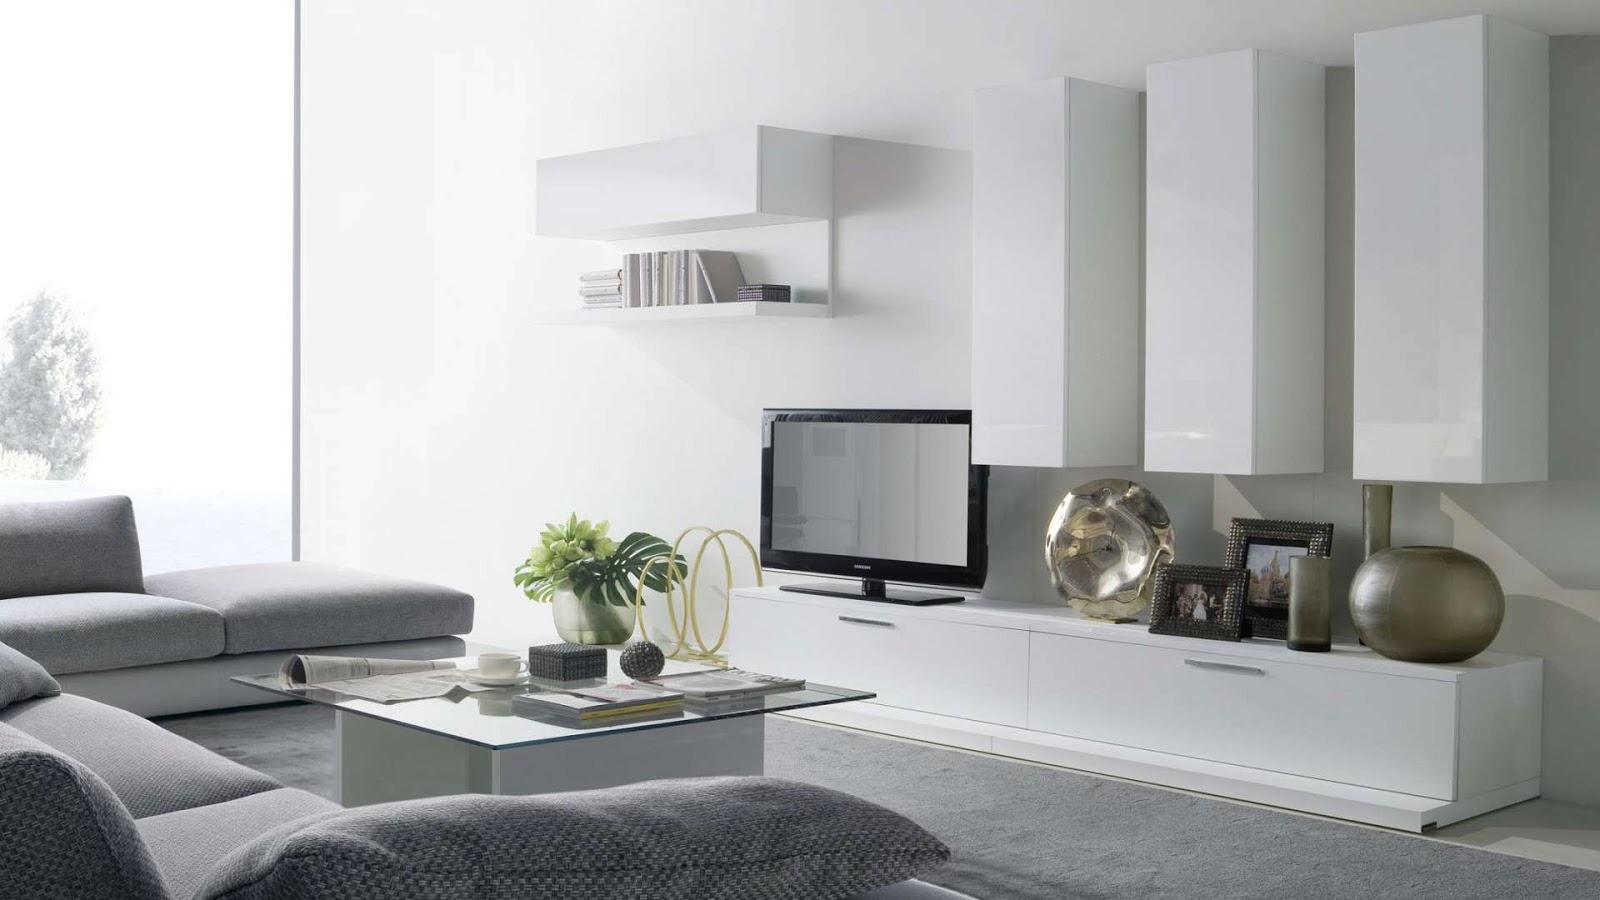 Amedeo liberatoscioli consigli utili come arredare un for Mobili per divani